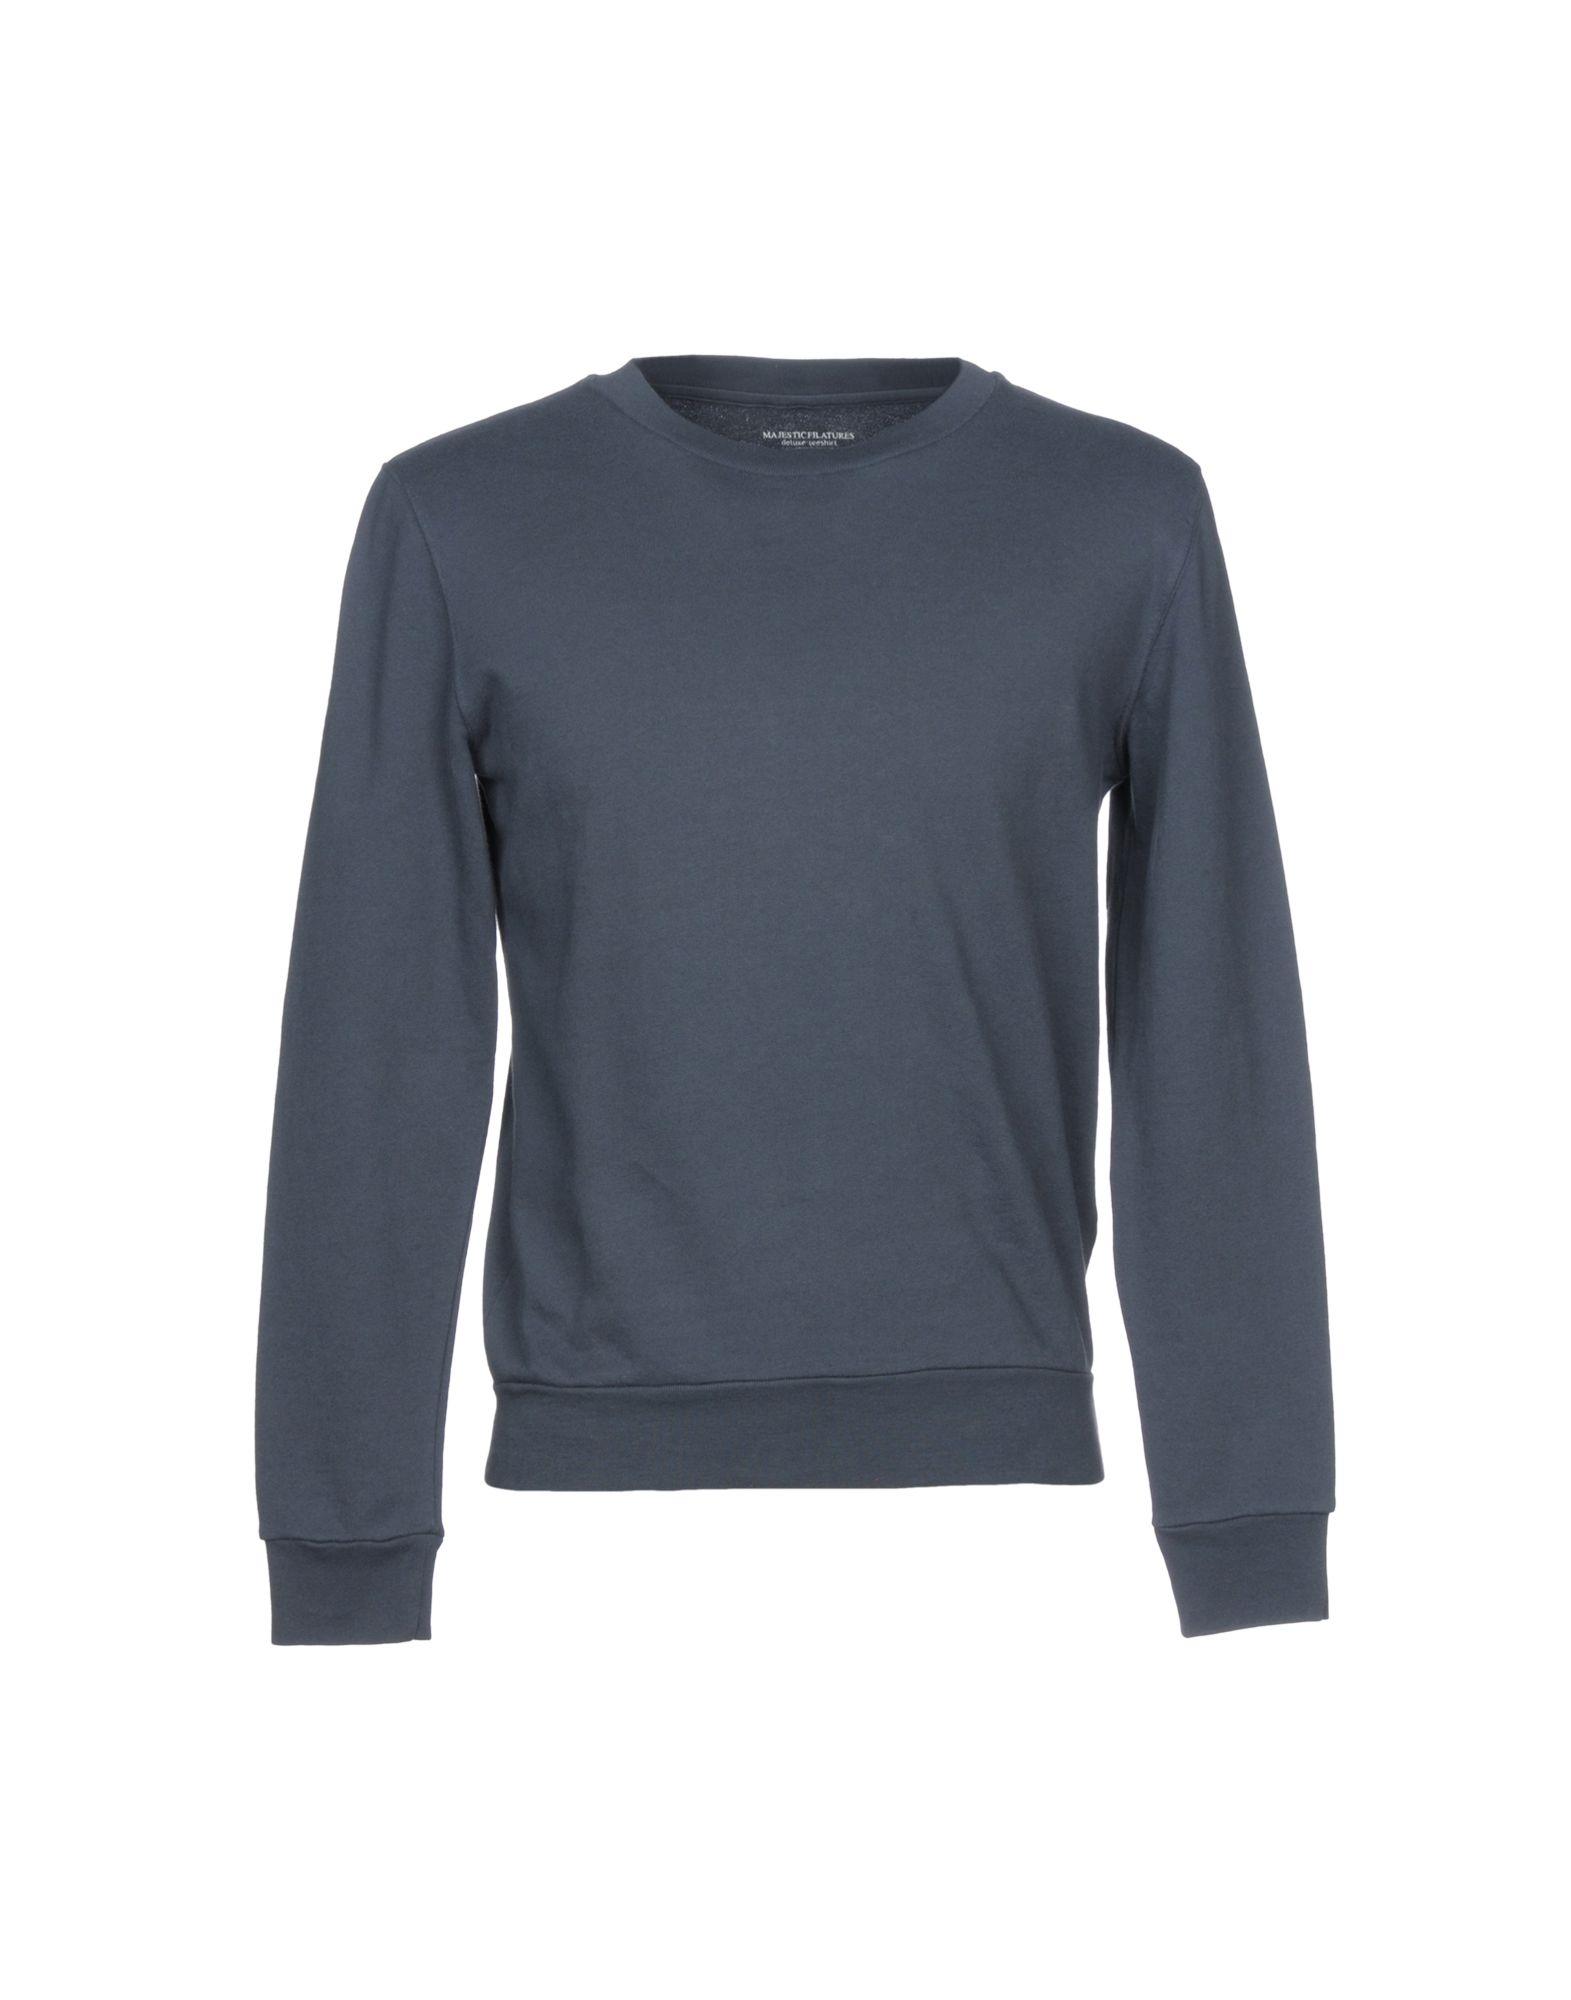 《送料無料》MAJESTIC FILATURES メンズ スウェットシャツ ブルーグレー S コットン 100%